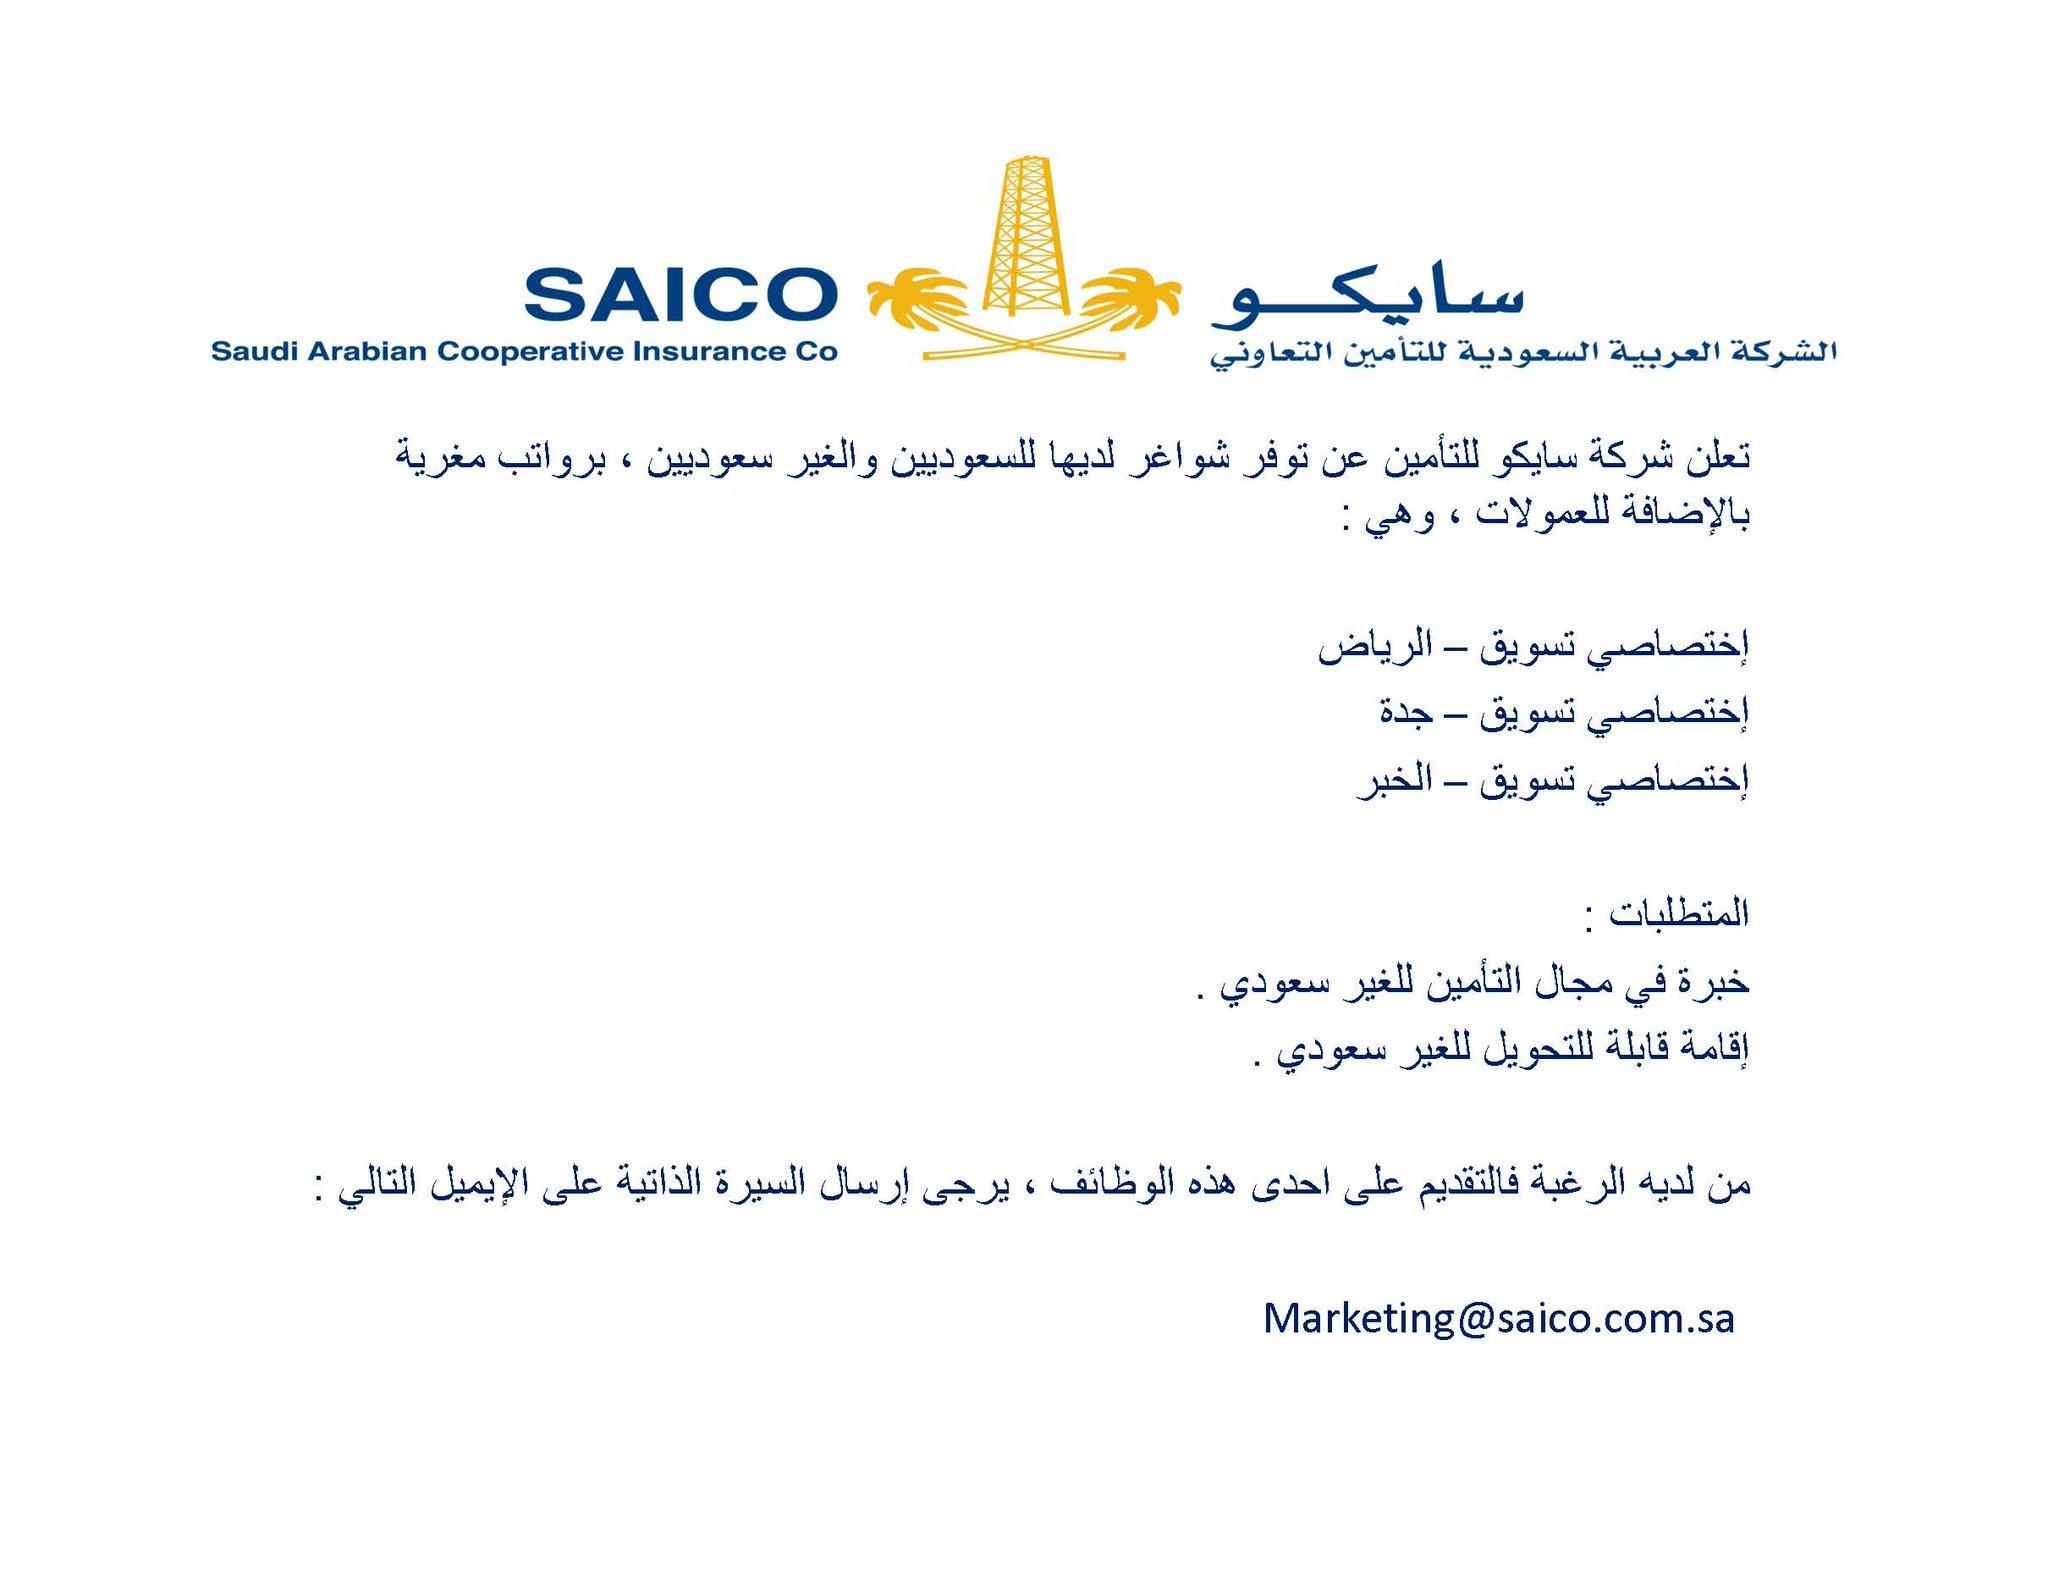 توظيف السعودية On Twitter تعلن الشركة العربية السعودية للتأمين التعاوني سايكو عن توفر وظائف شاغرة بمجال التسويق التفاصيل بالإعلان المرفق Http T Co Nejnbbm6el